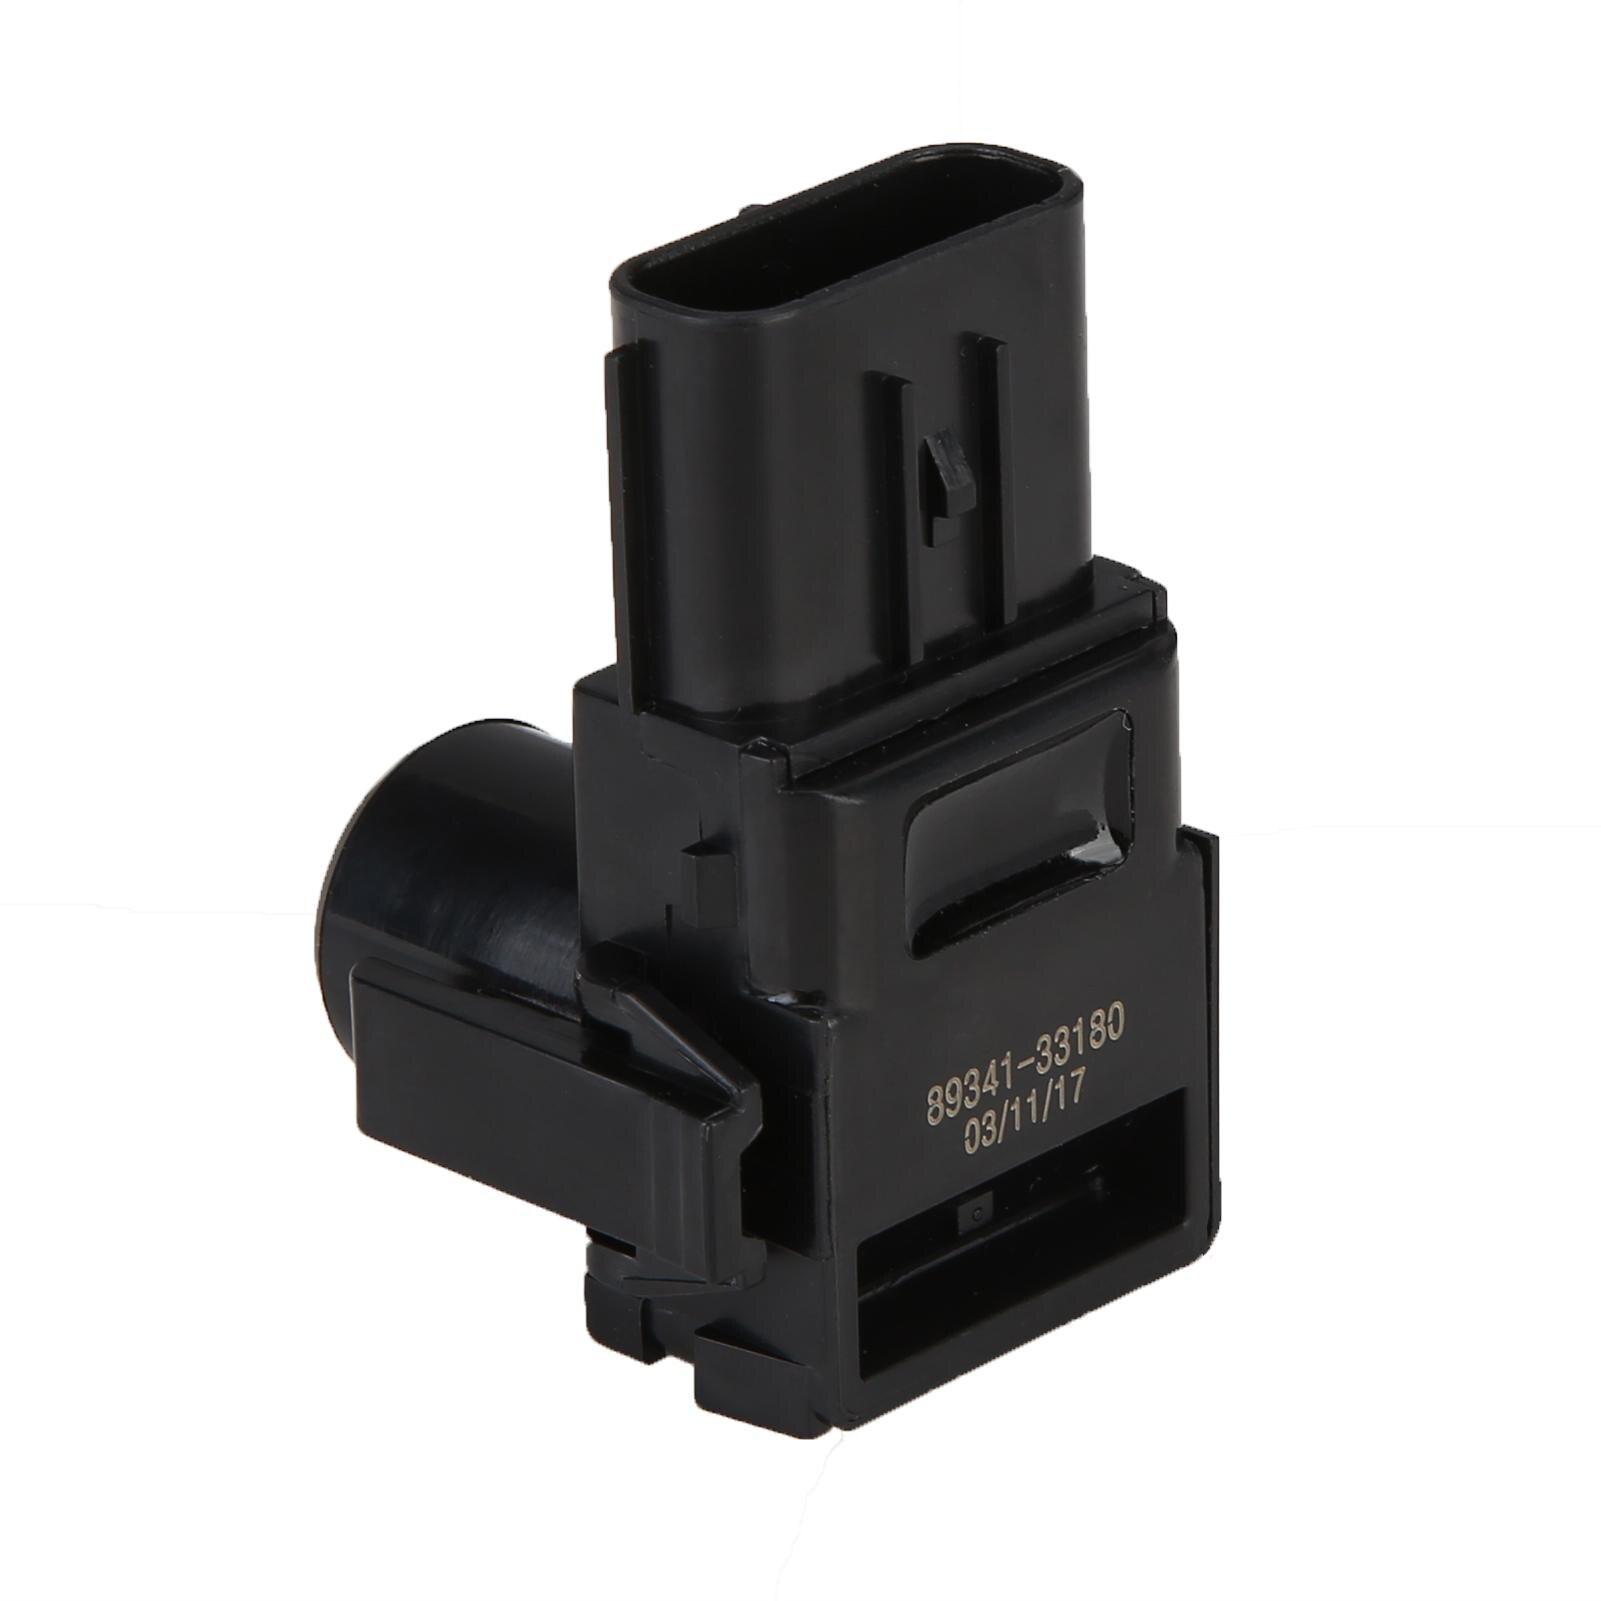 50% Reversing Electric Eye Parking Assist1 Sensor 89341-33180 for Camry Corolla Rav4